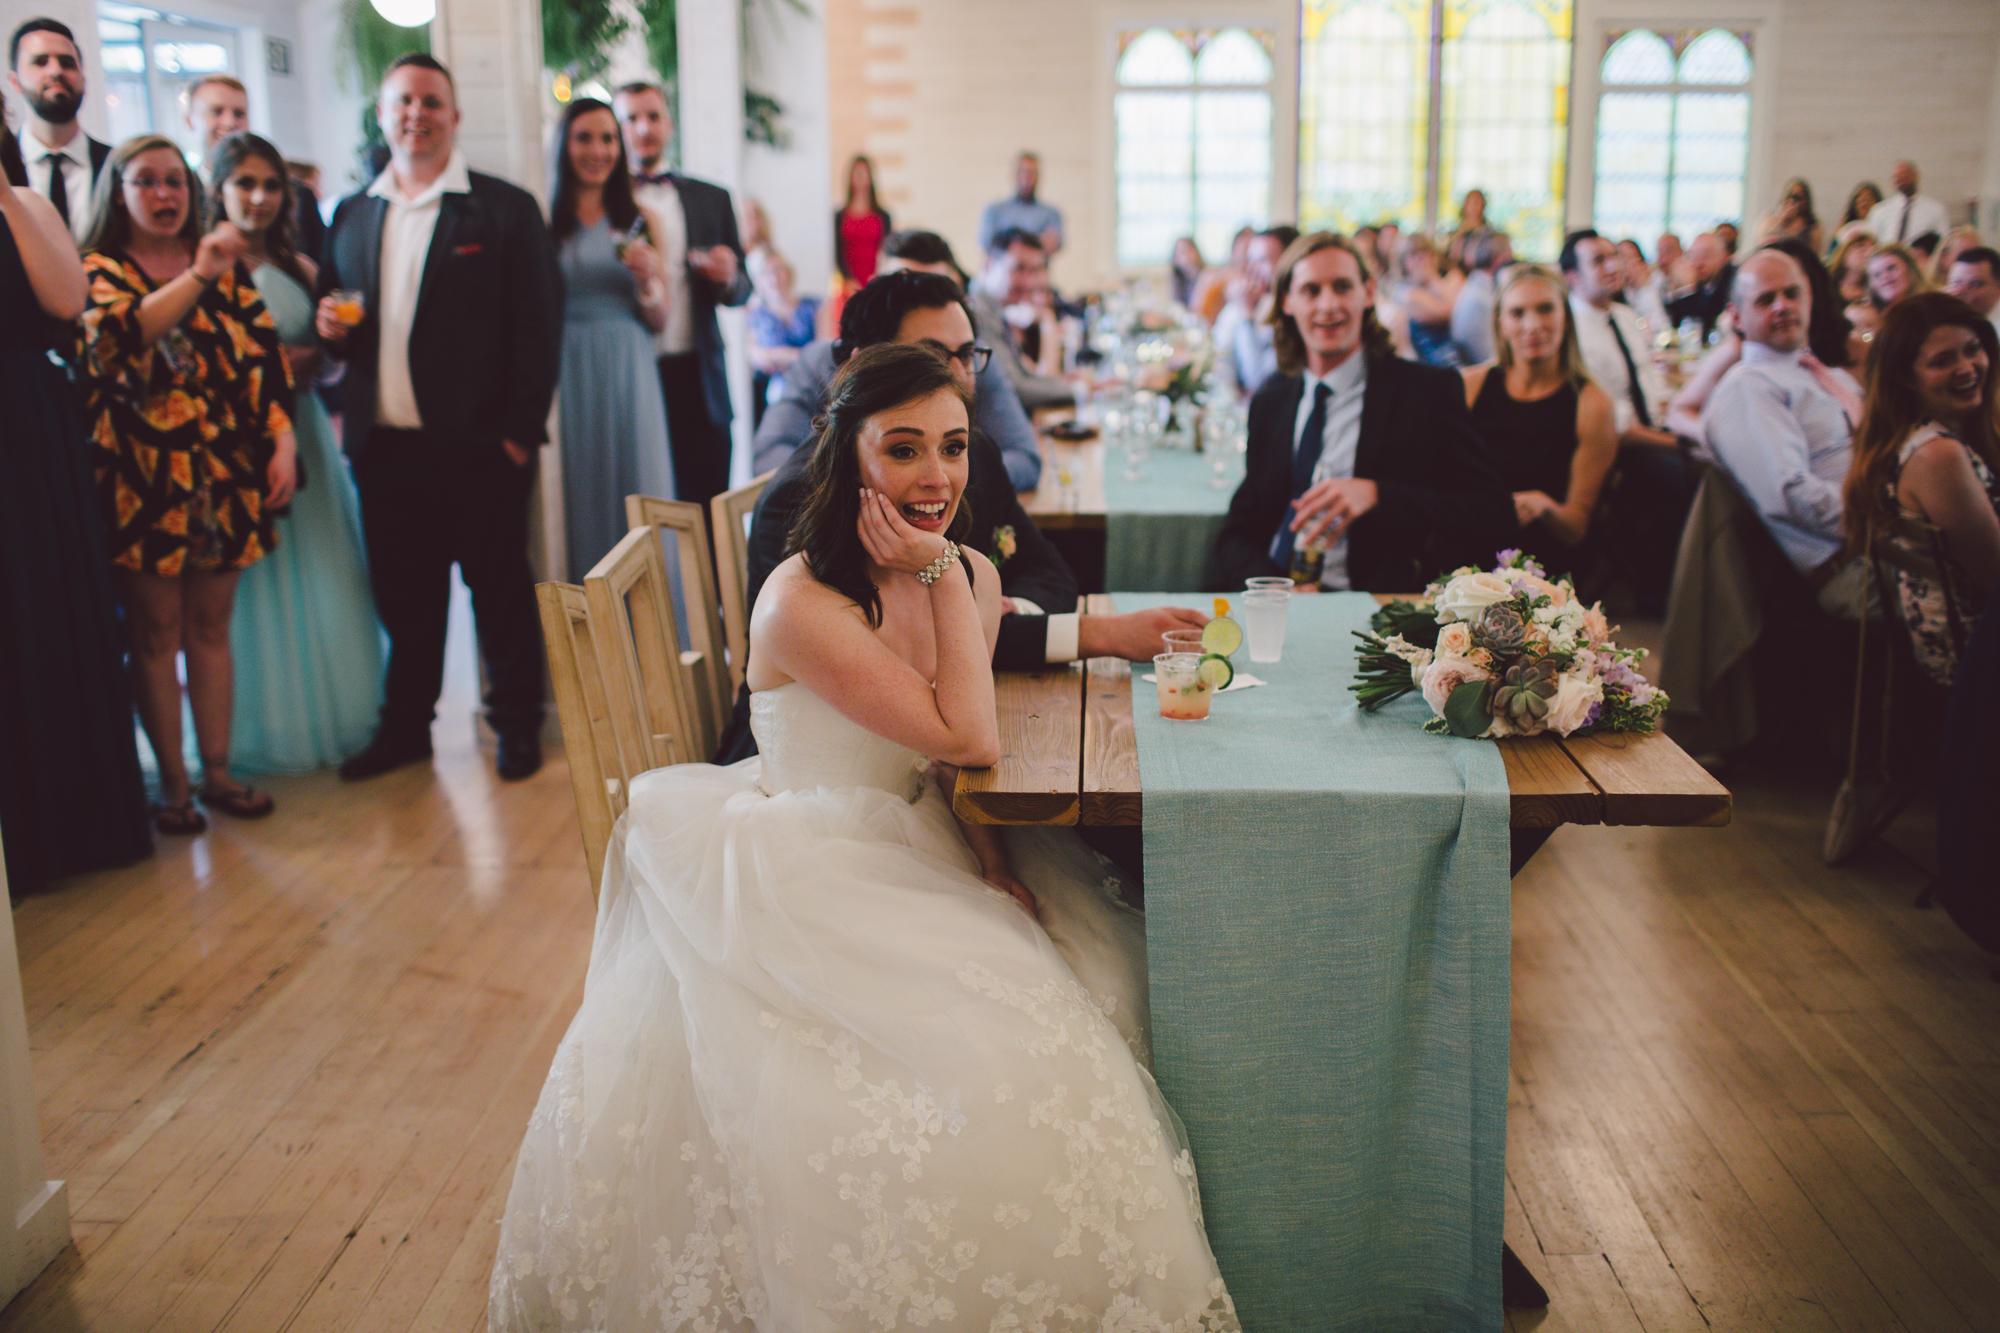 outdoor ceremony-los angeles-cool wedding venue-ruby street-bride